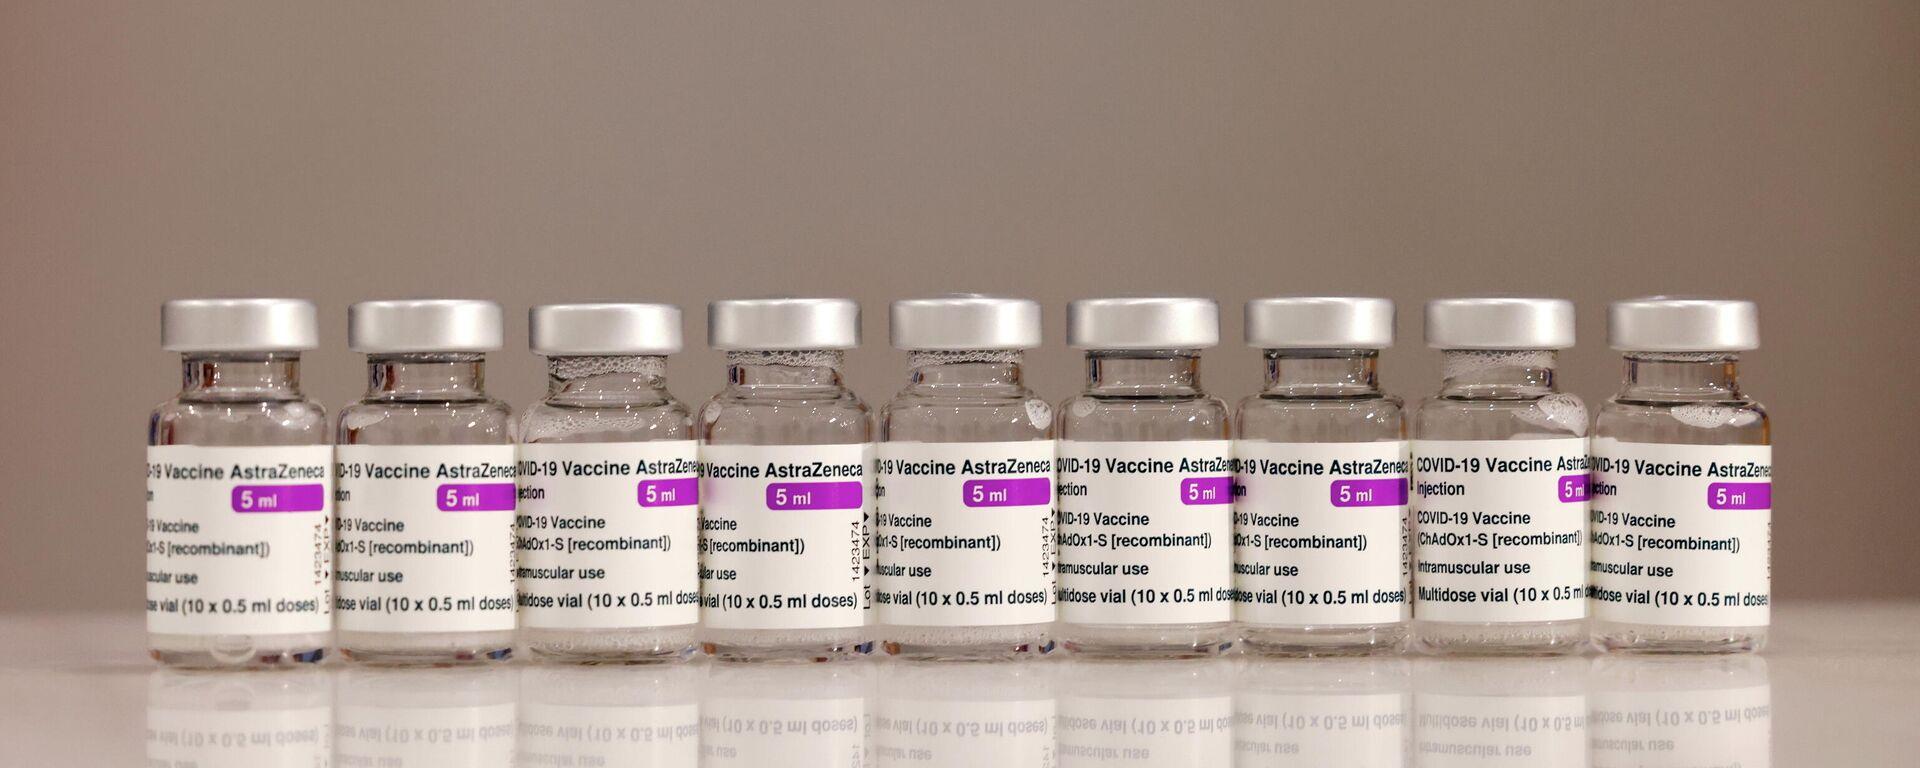 Astrazeneca-Impfstoff - SNA, 1920, 19.04.2021